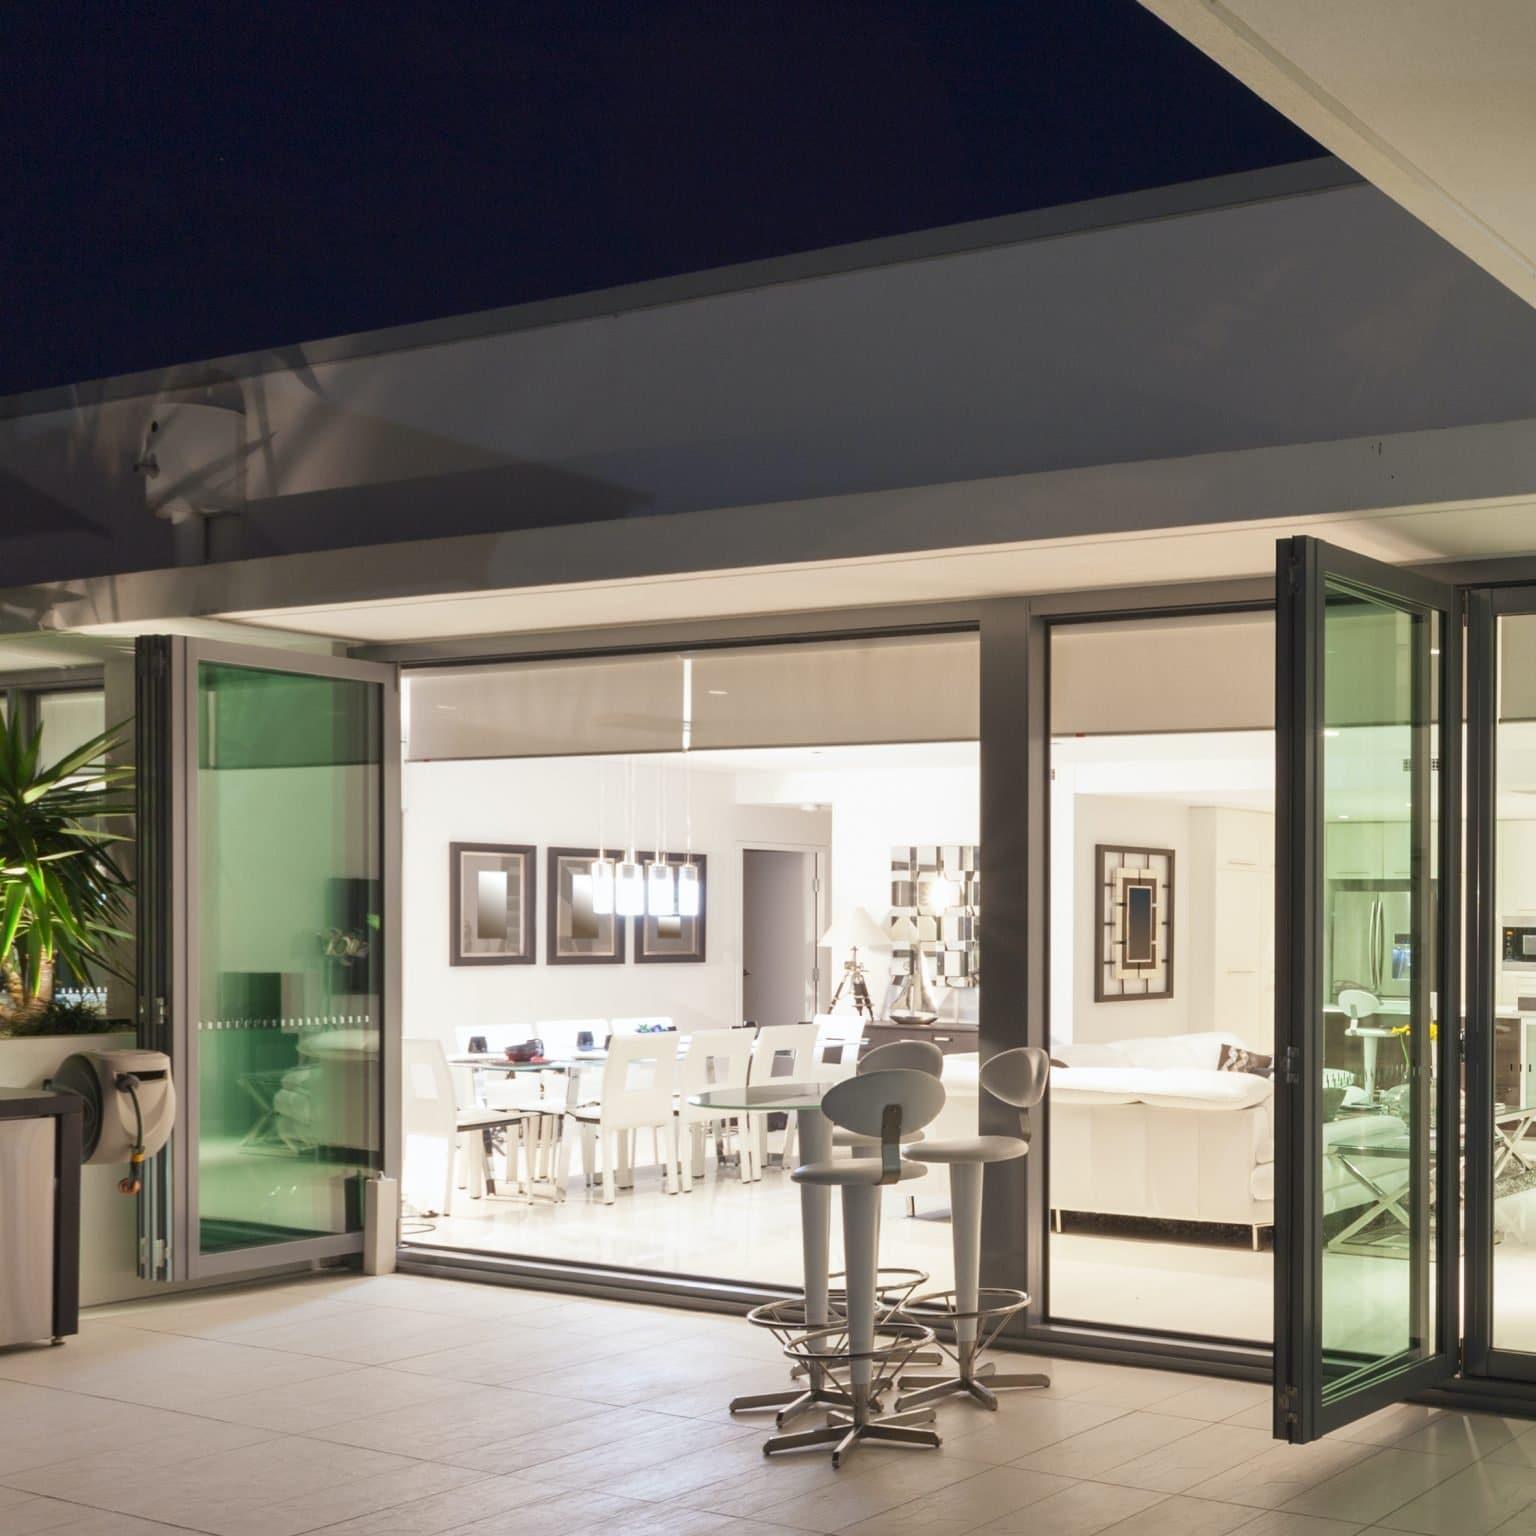 schuco ass70 bifolding doors in a penthouse